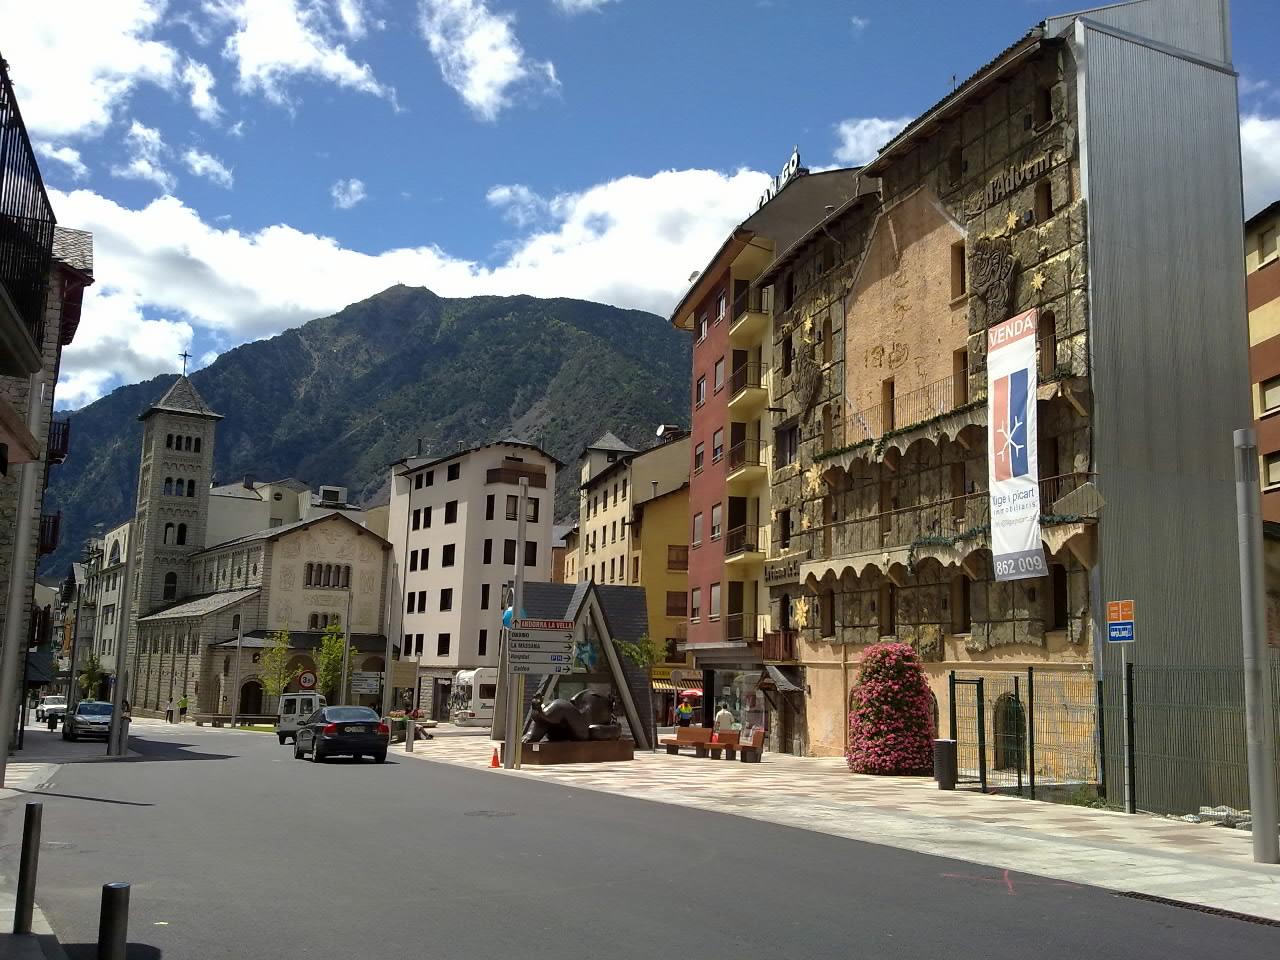 Dettaglio fotogallery - Andorra la vella apartamentos ...